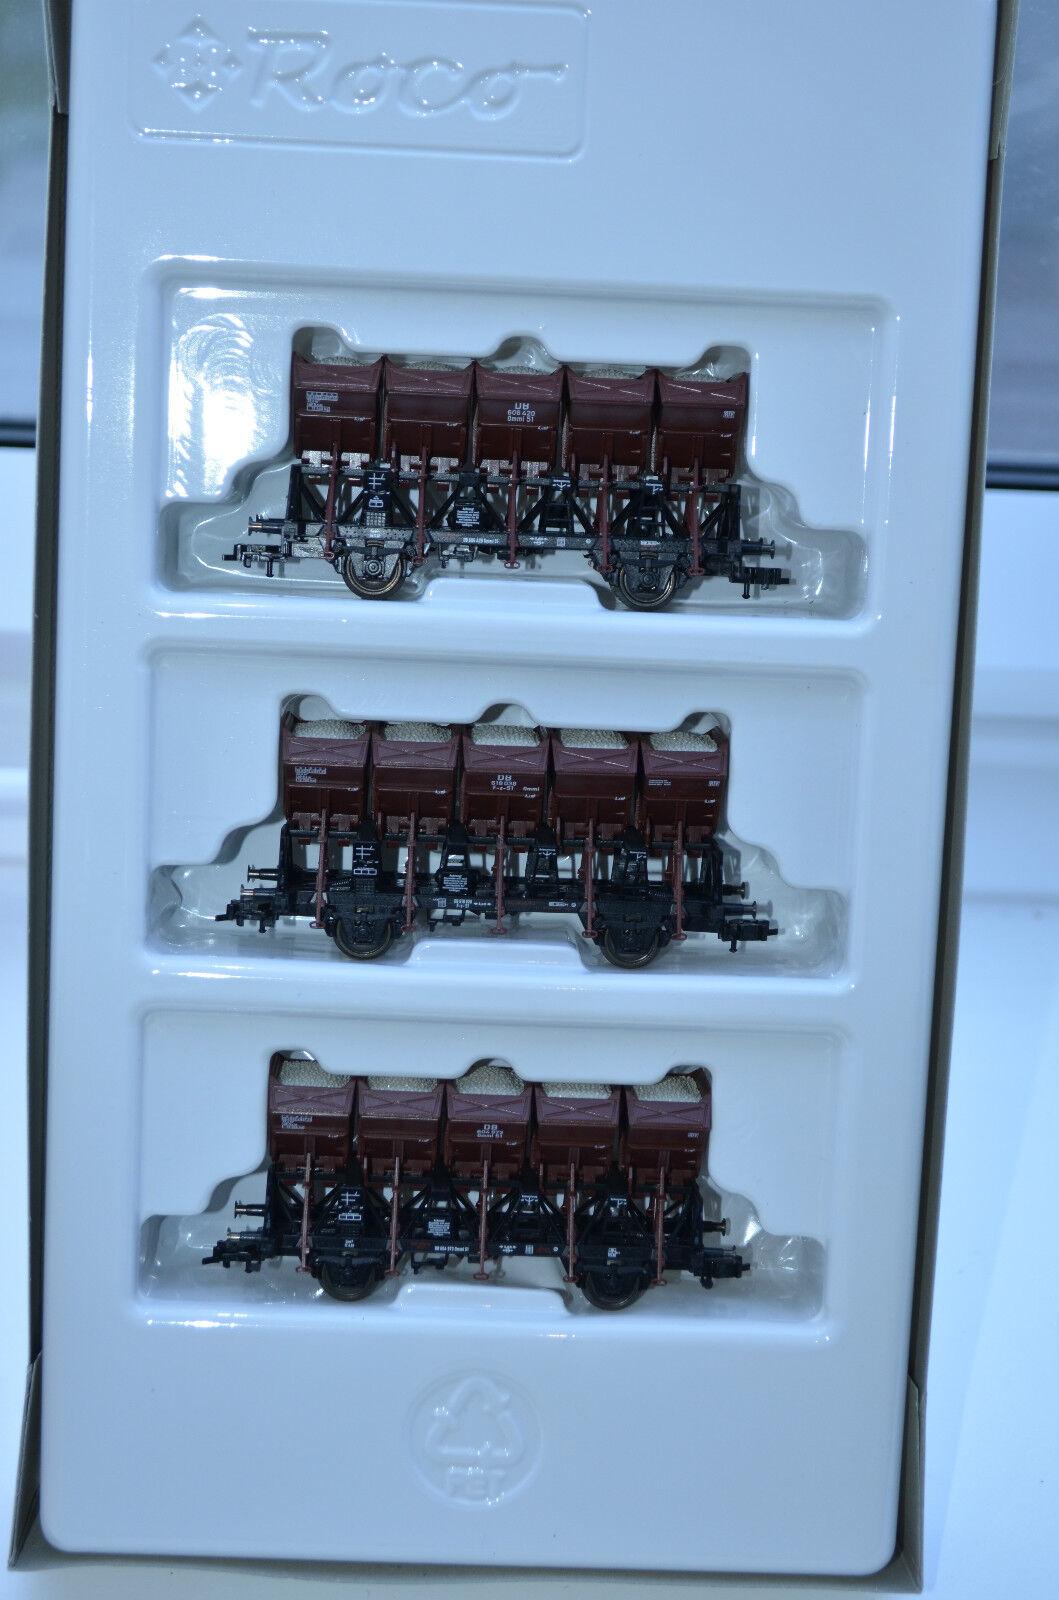 2x 44074 roco muldenkippwagen-set de la DB, Top,  como nuevo